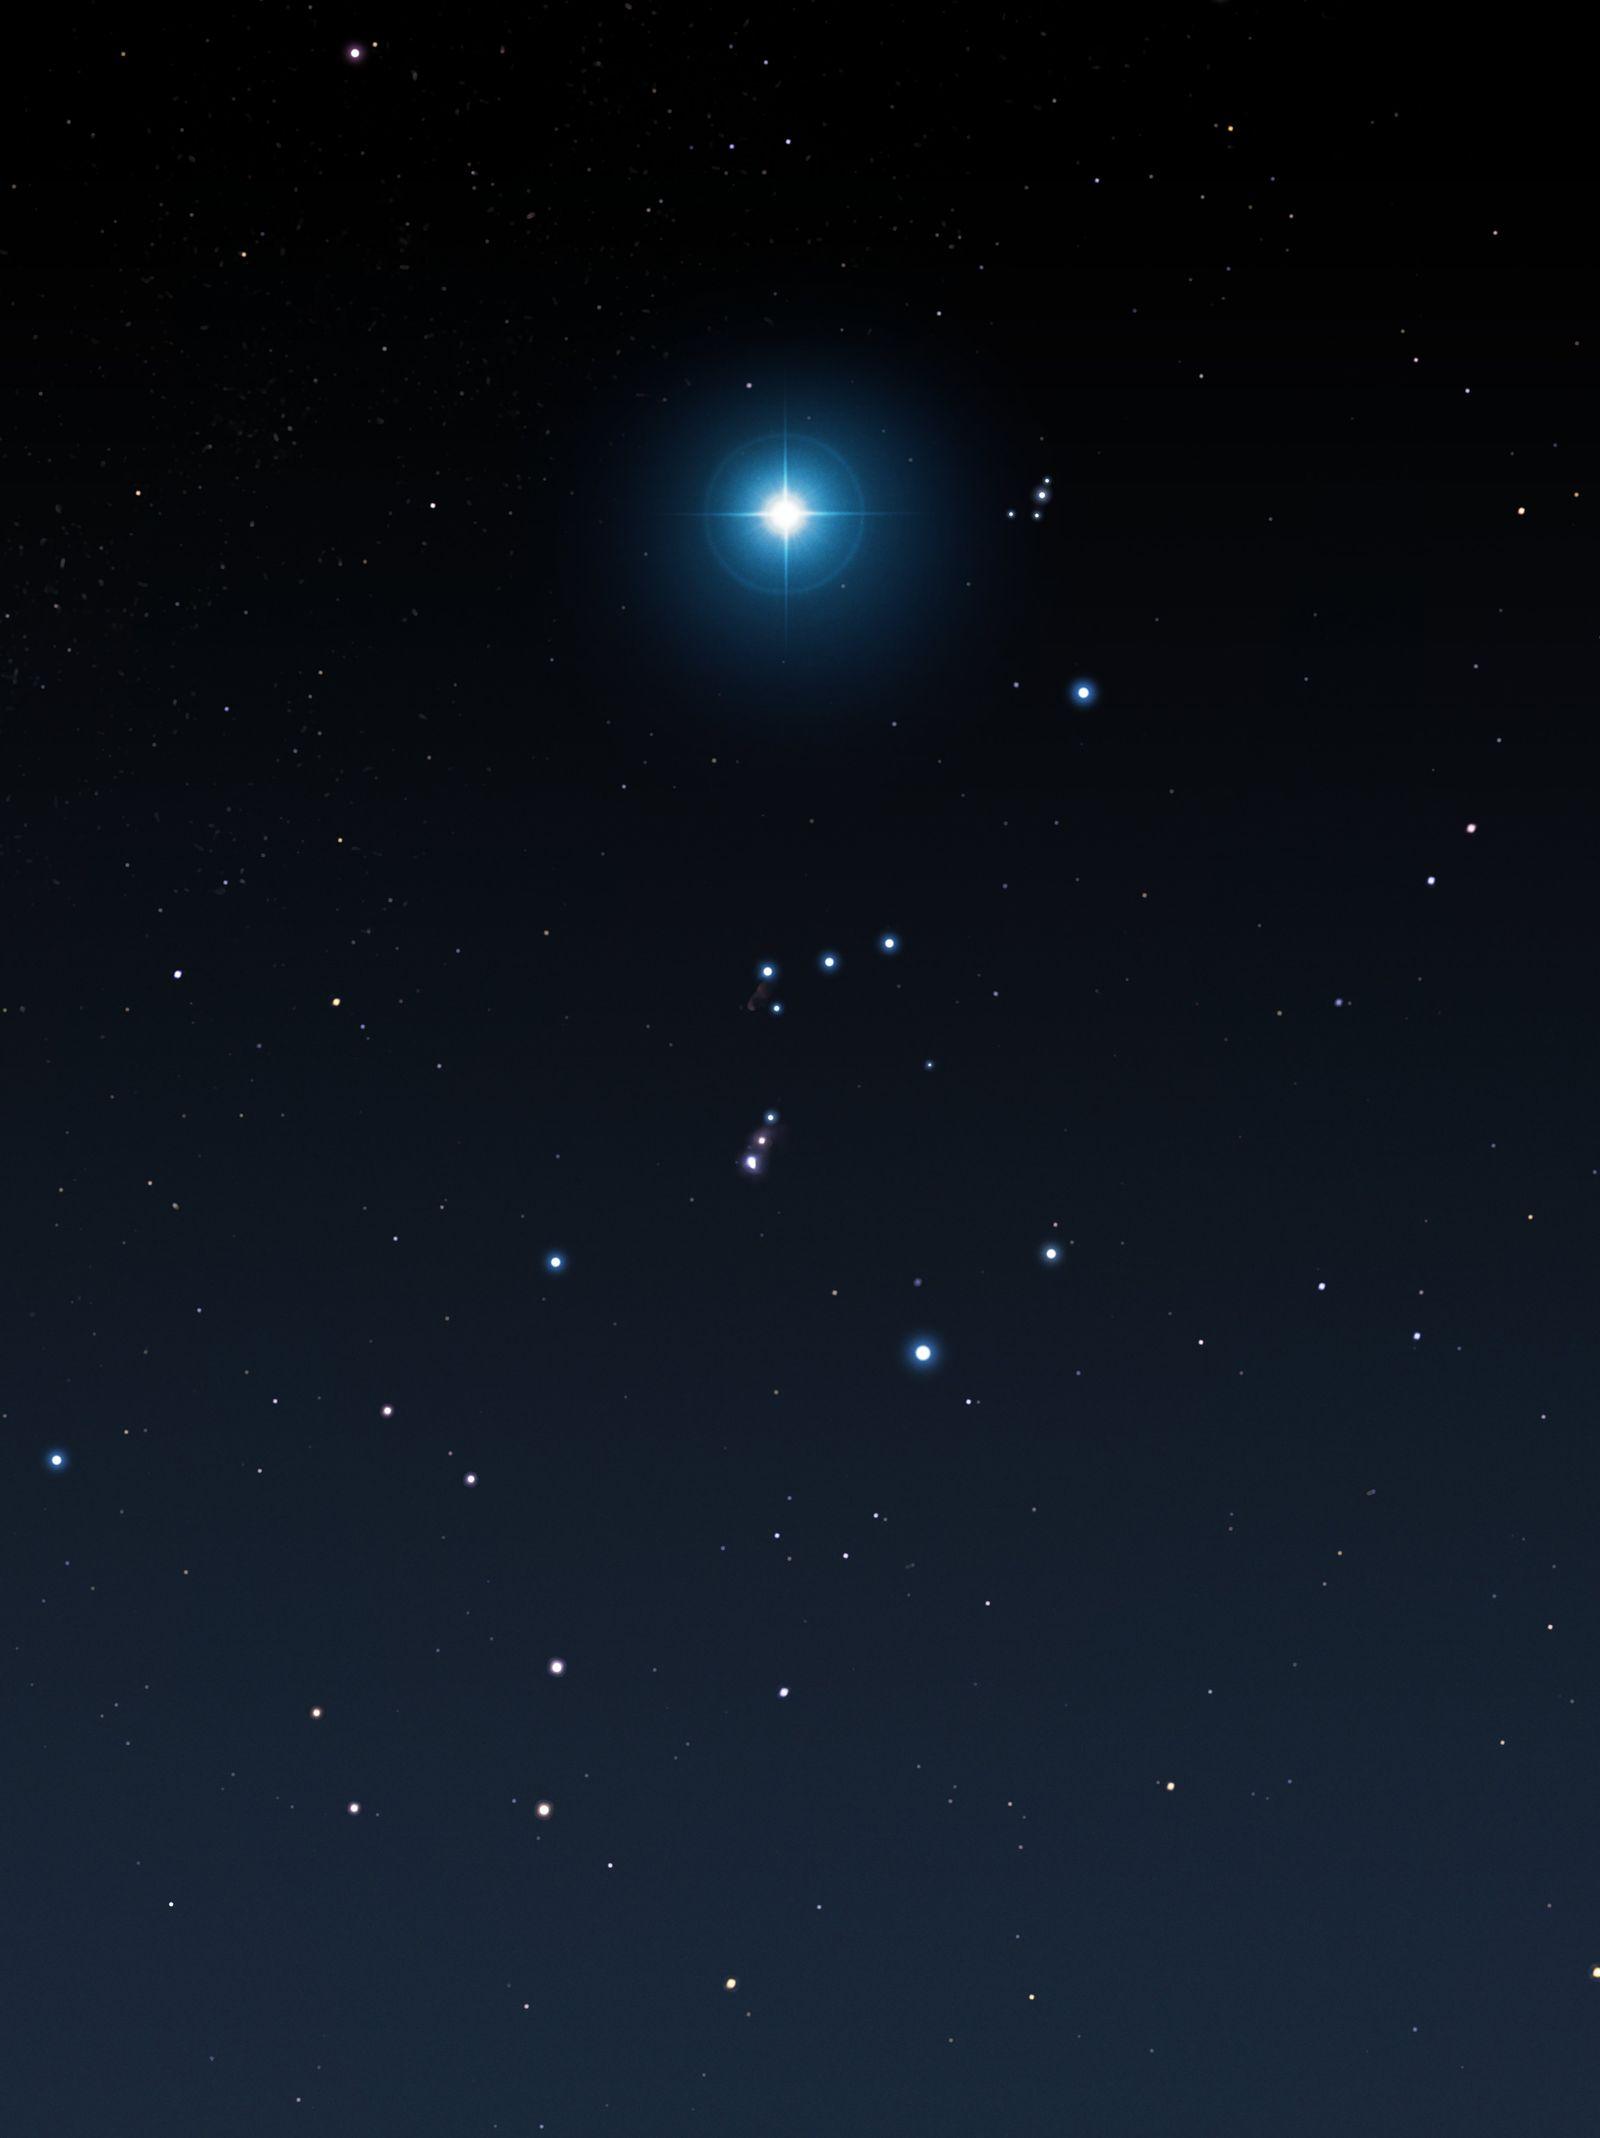 NICHT MEHR VERWENDEN! - Weihnachten/ Supernova